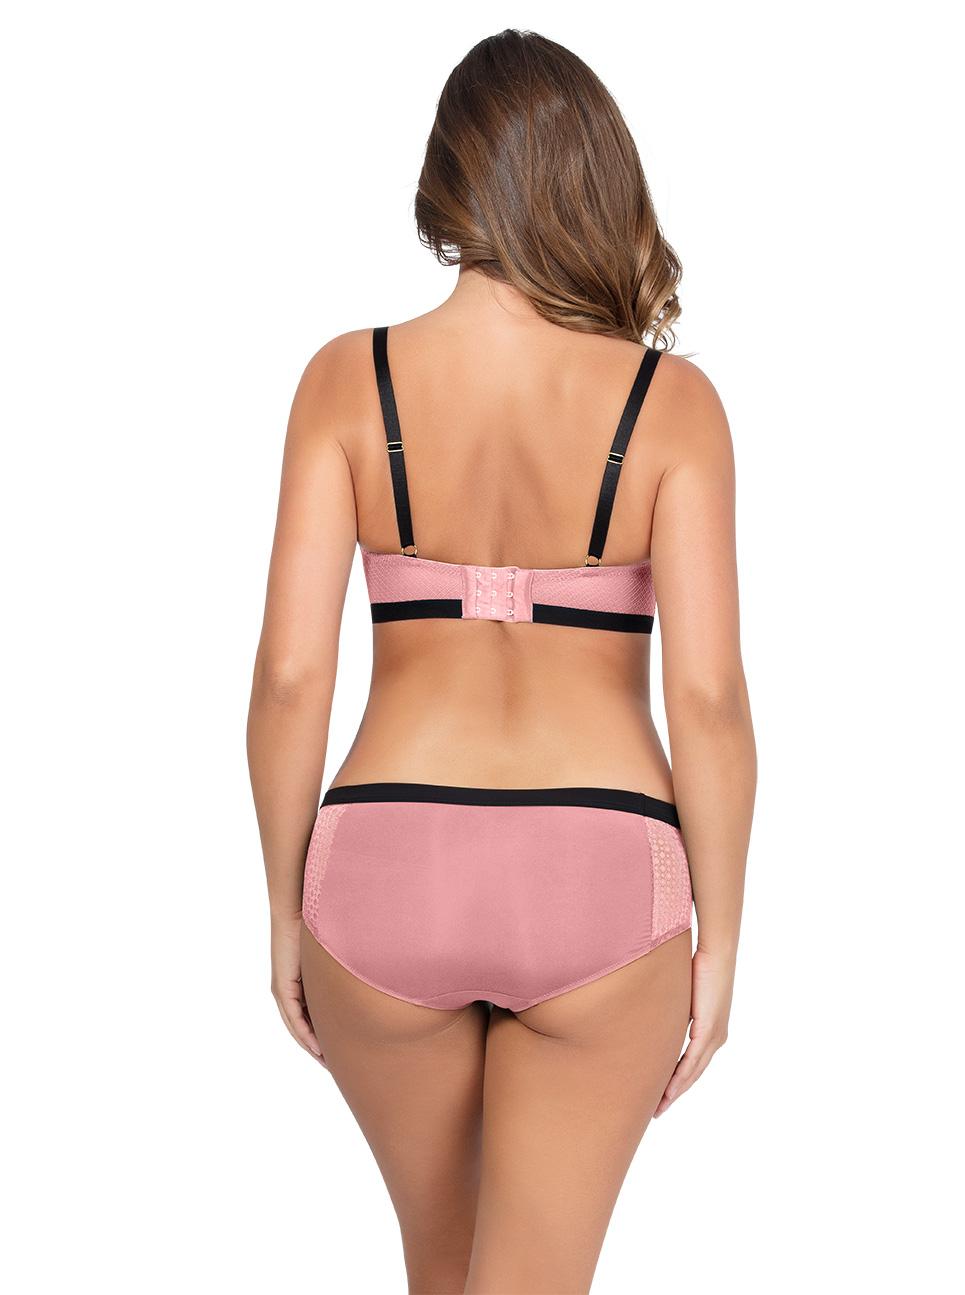 Romina UnlinedWireBraP5522 HipsterP5525 QuartzPink Back - Romina Hipster - Quartz Pink- P5525